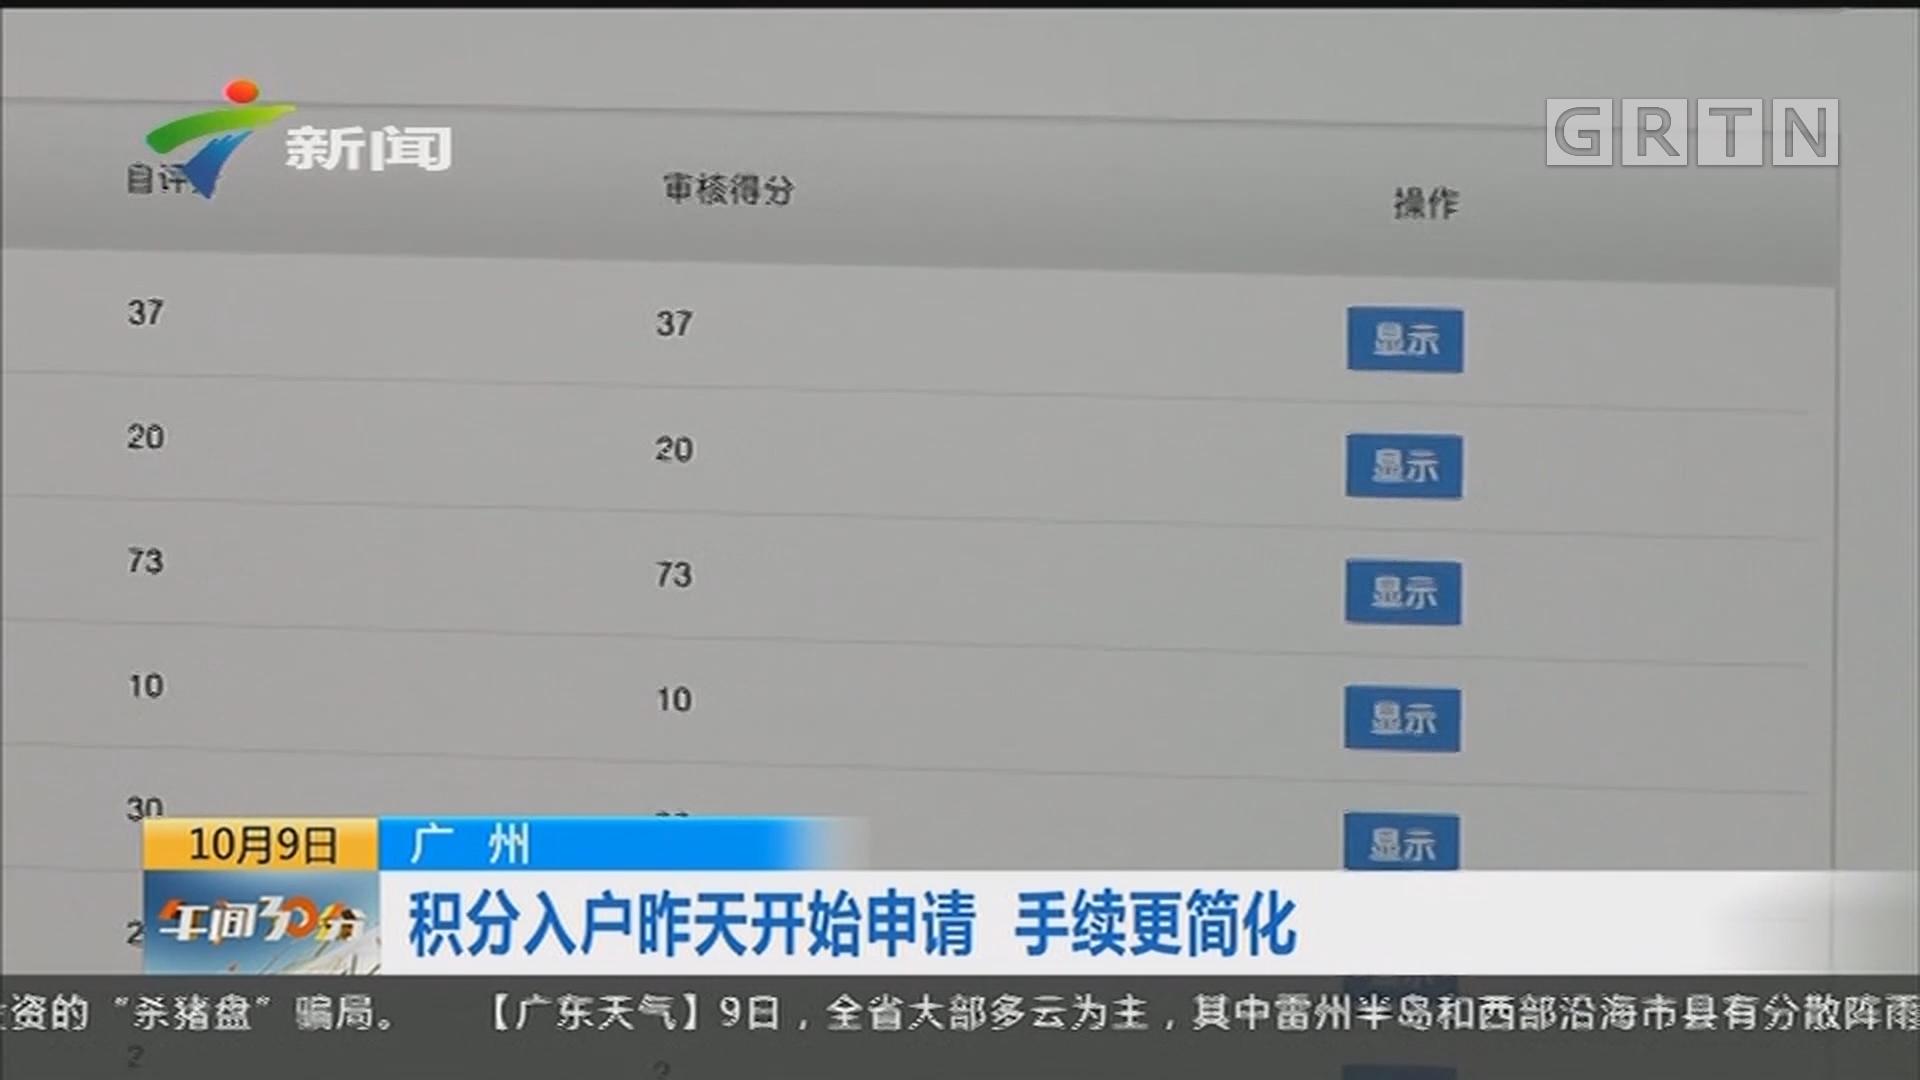 广州:积分入户昨天开始申请 手续更简化